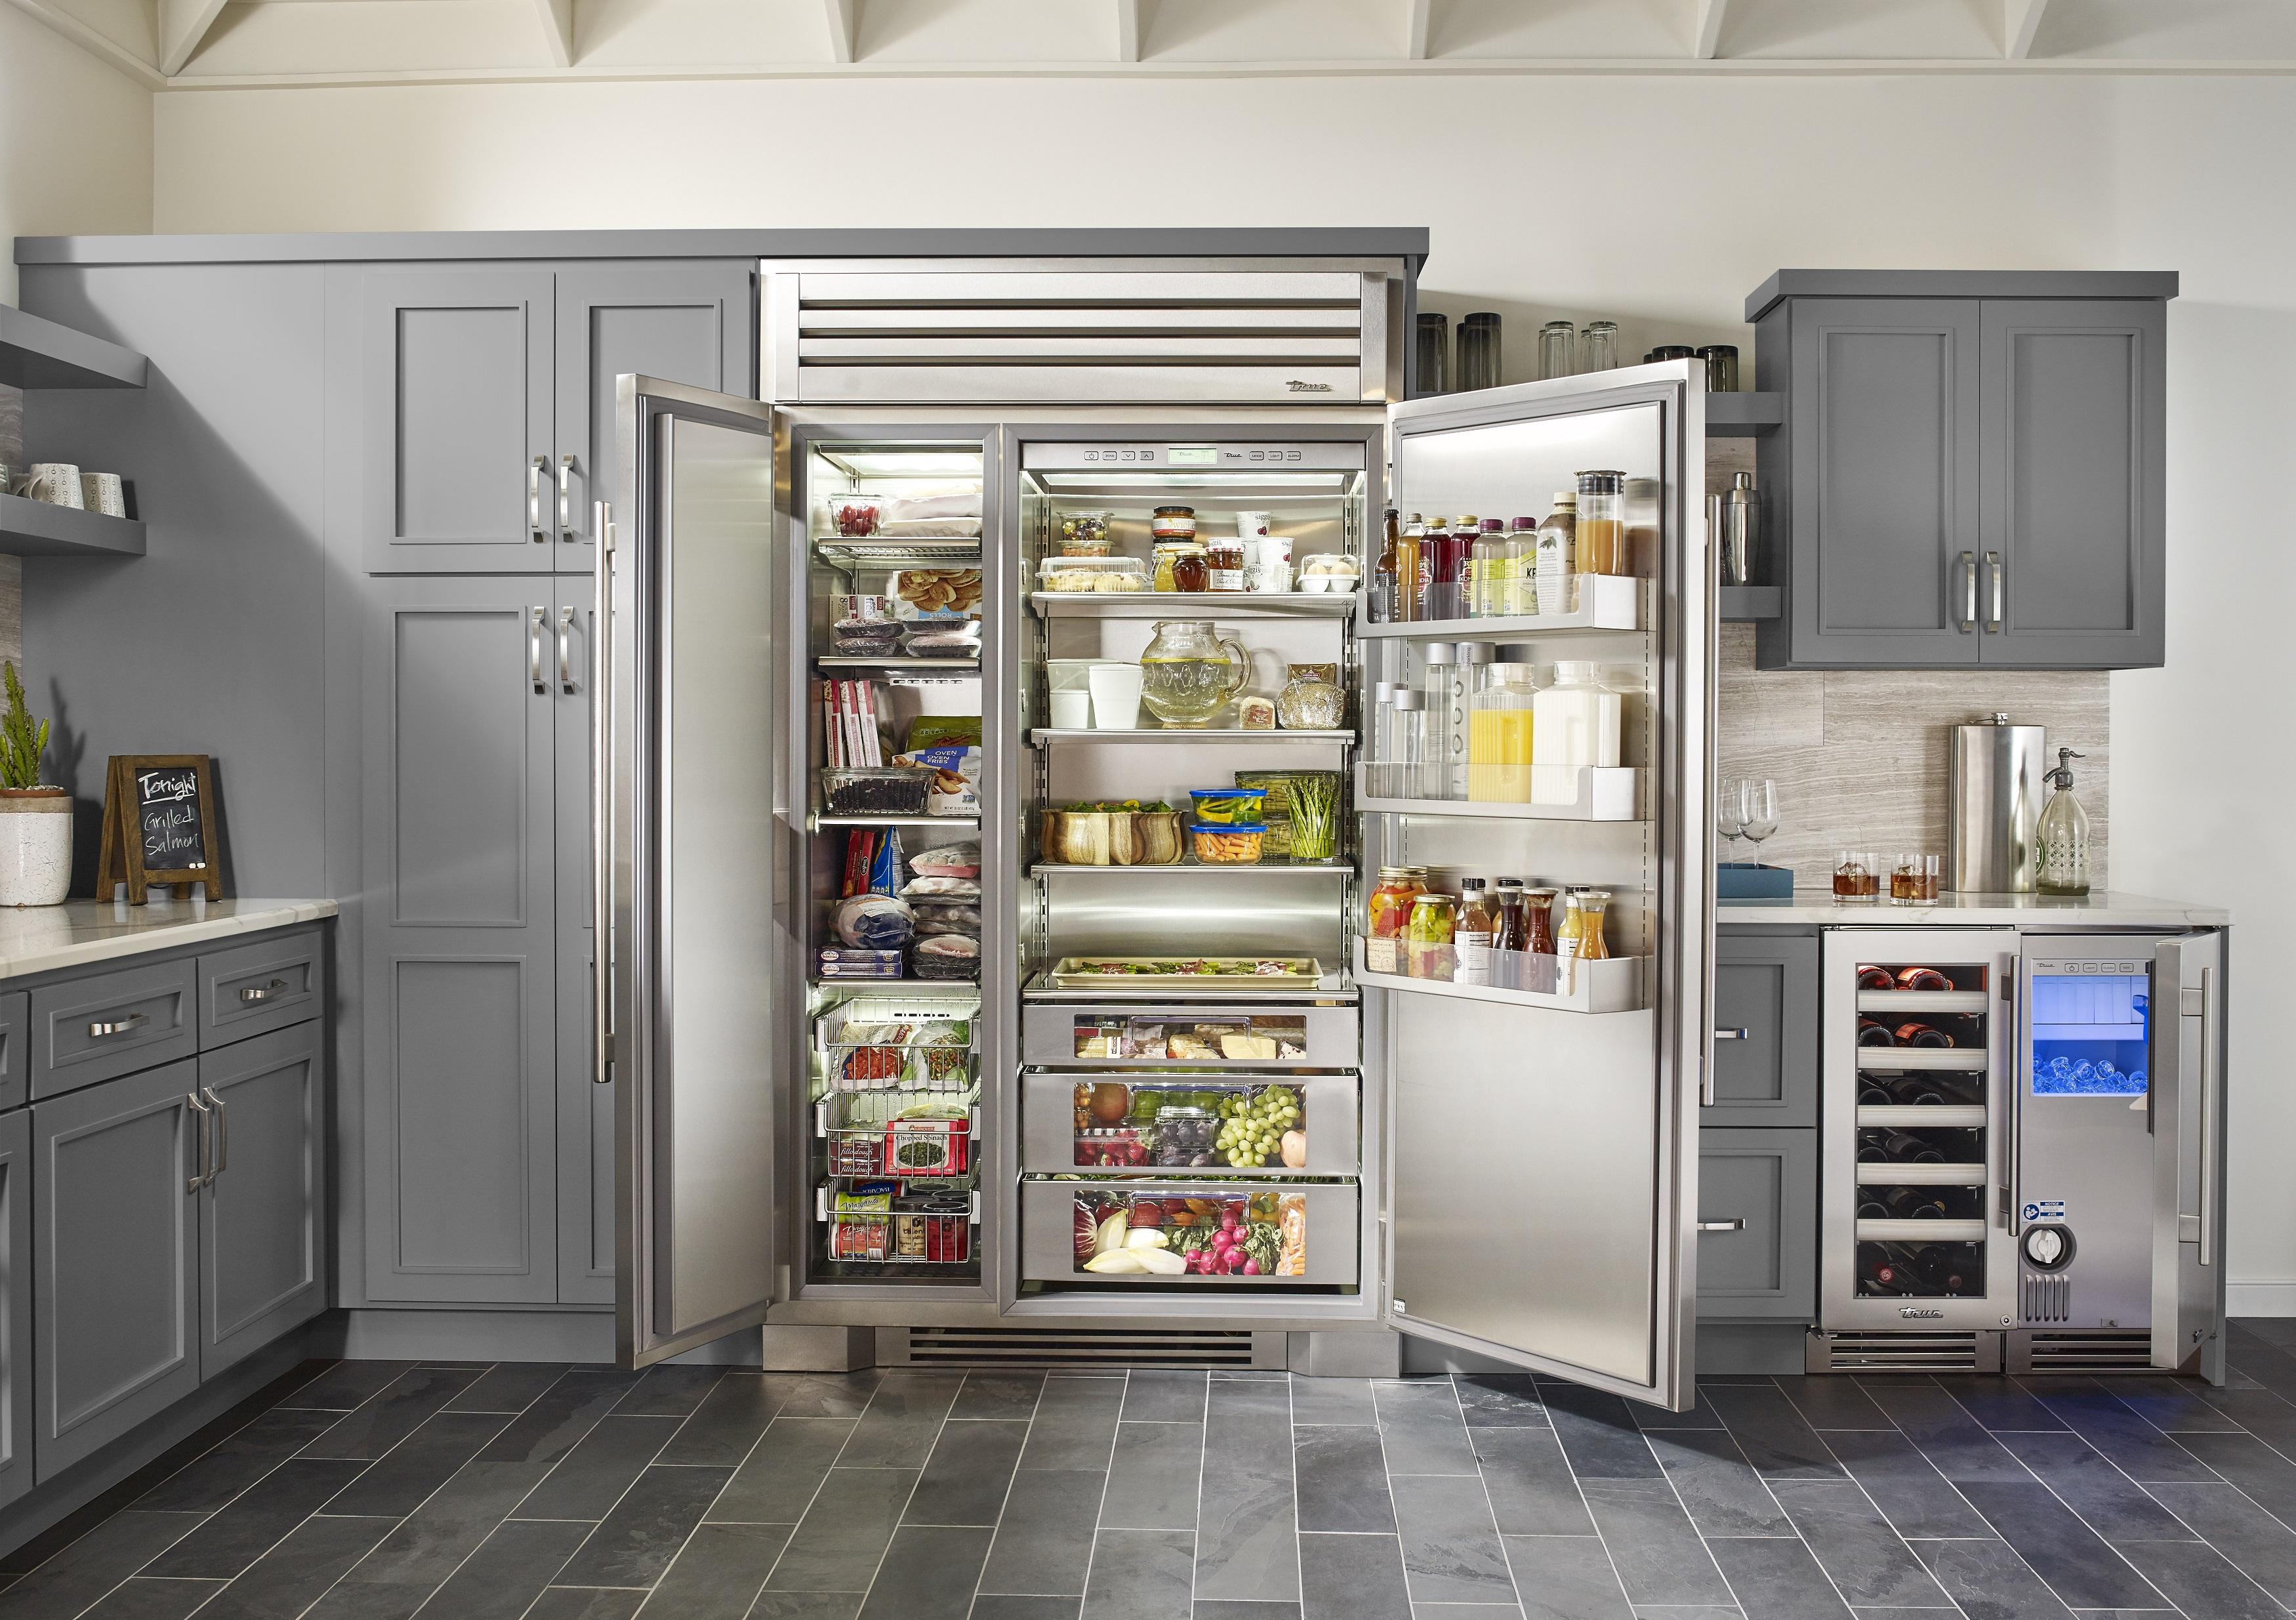 True Refrigeration To Showcase Luxury Refrigeration At